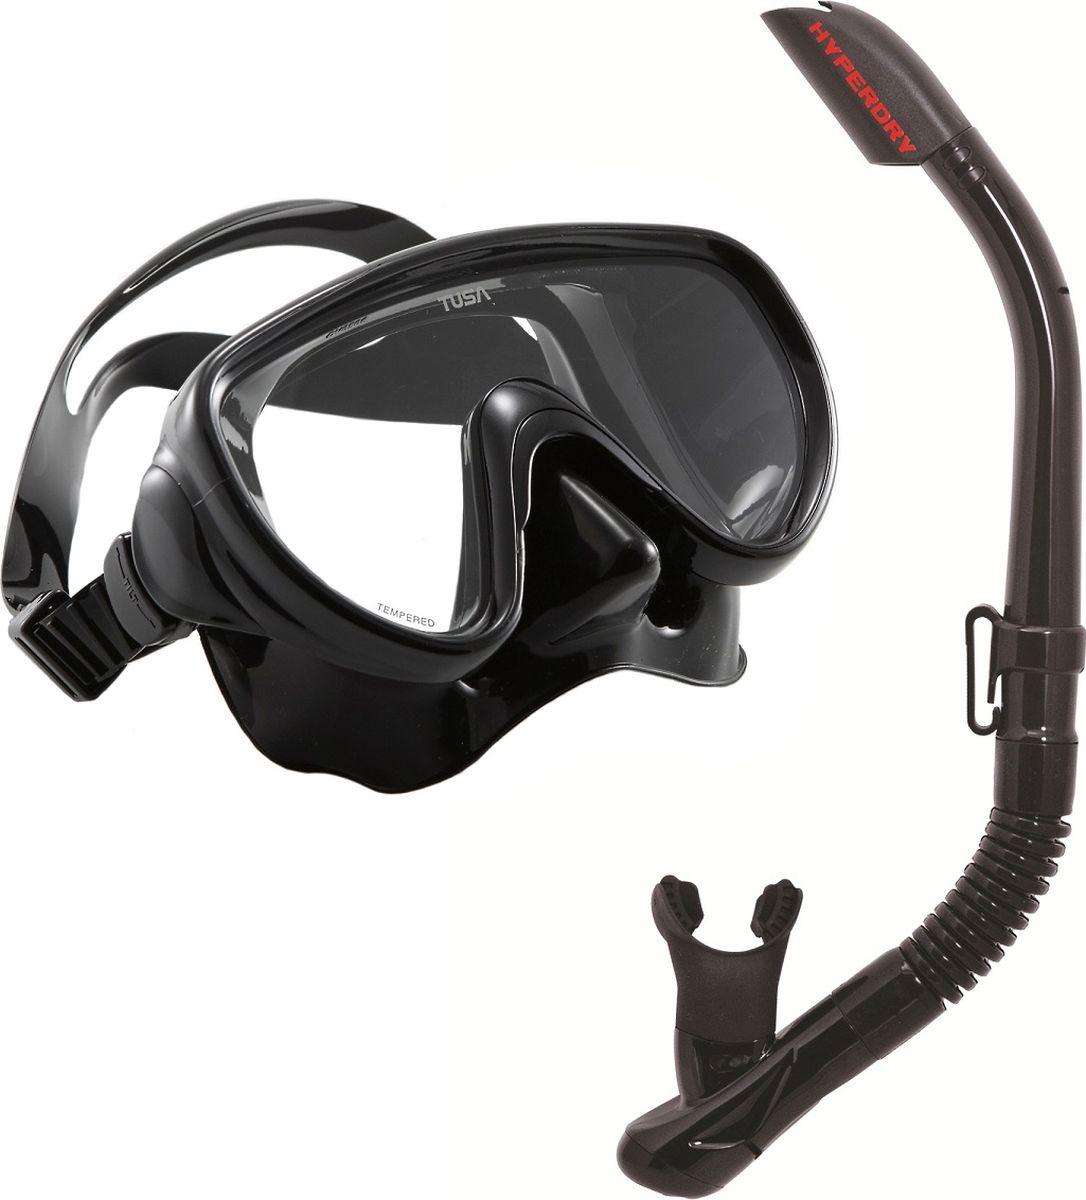 Набор для плавания Tusa Sport, цвет: черный. UCR-1619BK/BK аудиокниги иддк аудиокнига чуковский корней иванович доктор айболит